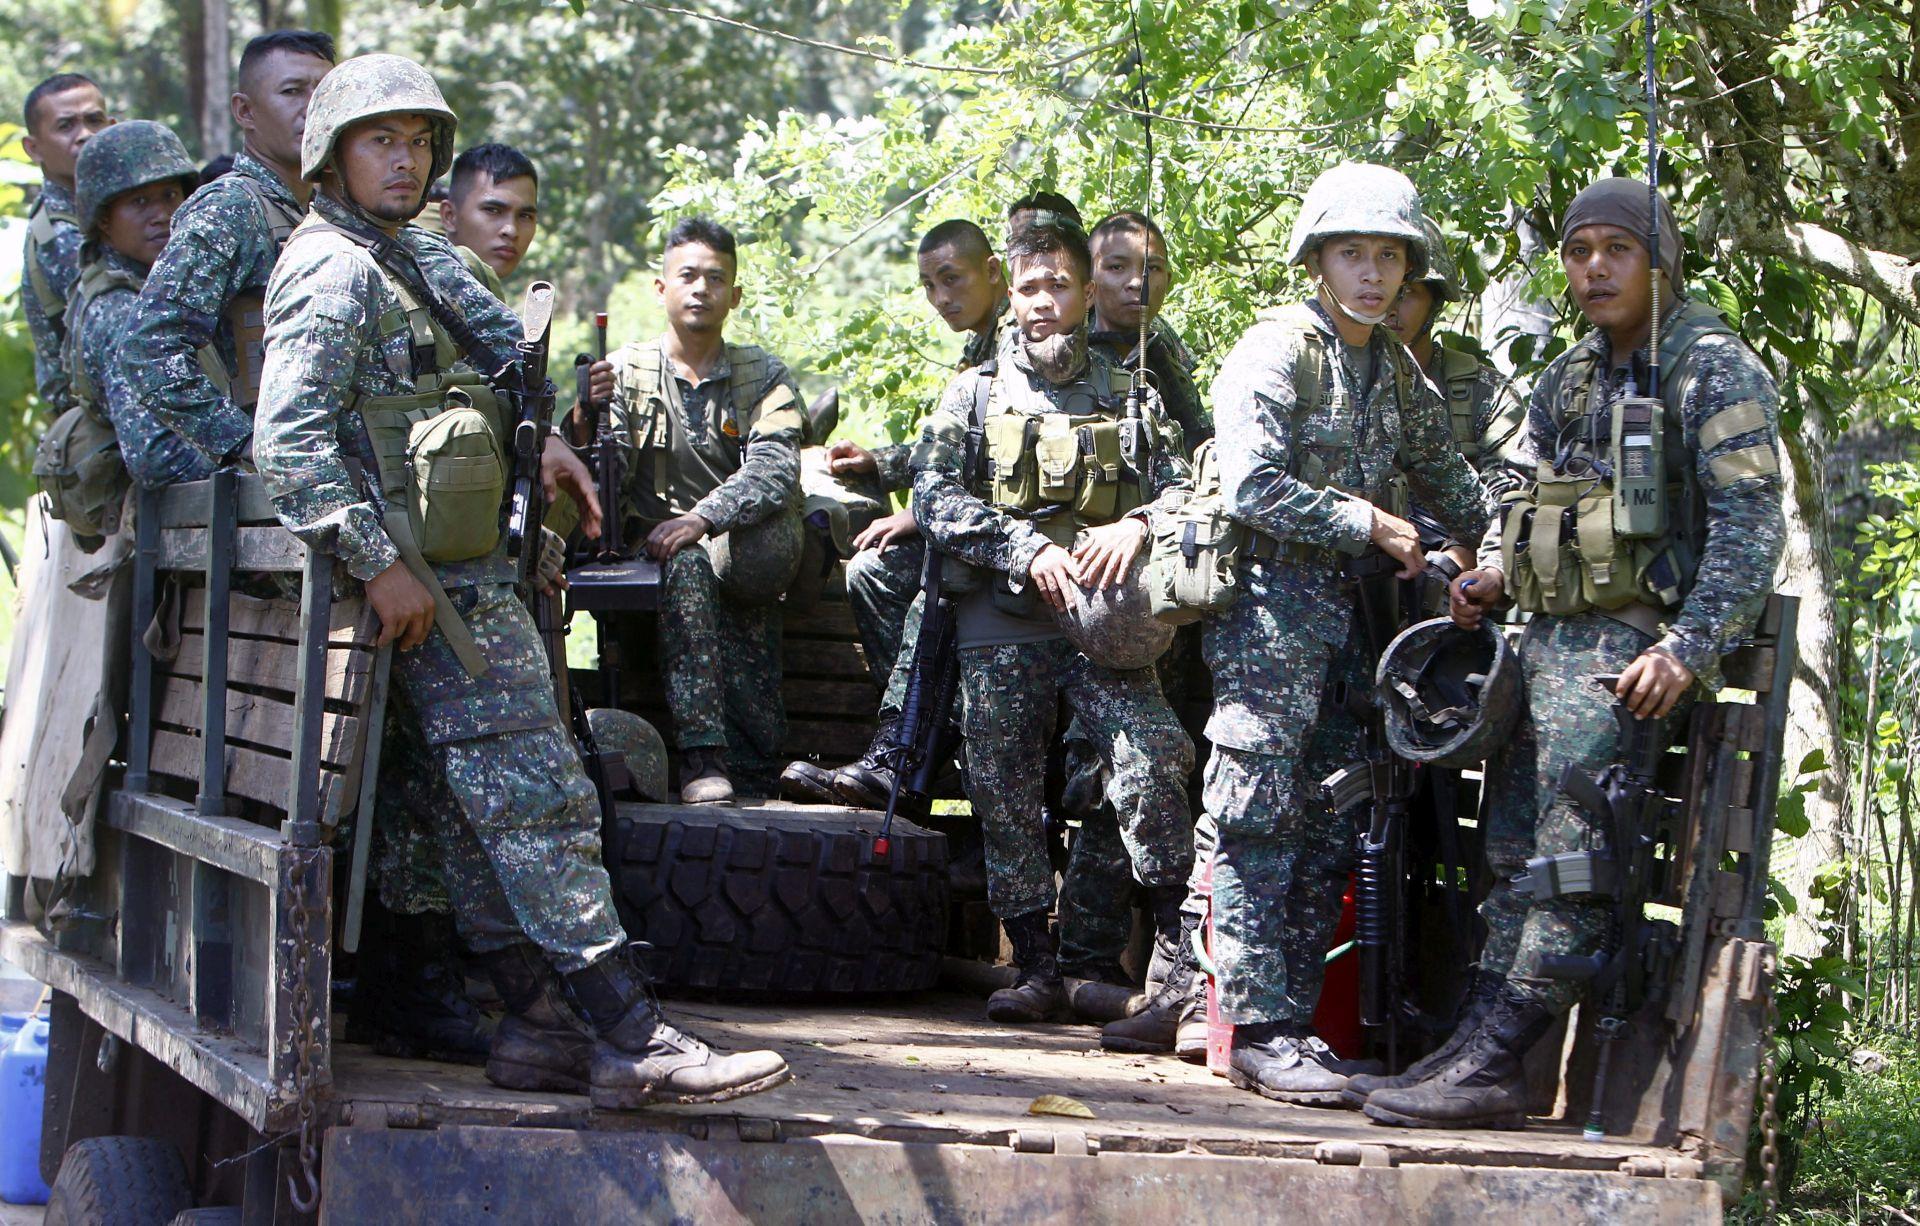 VOJNI NAPAD: Filipinski predsjednik obećao neutralizirati islamiste iz Abu Sayyafa